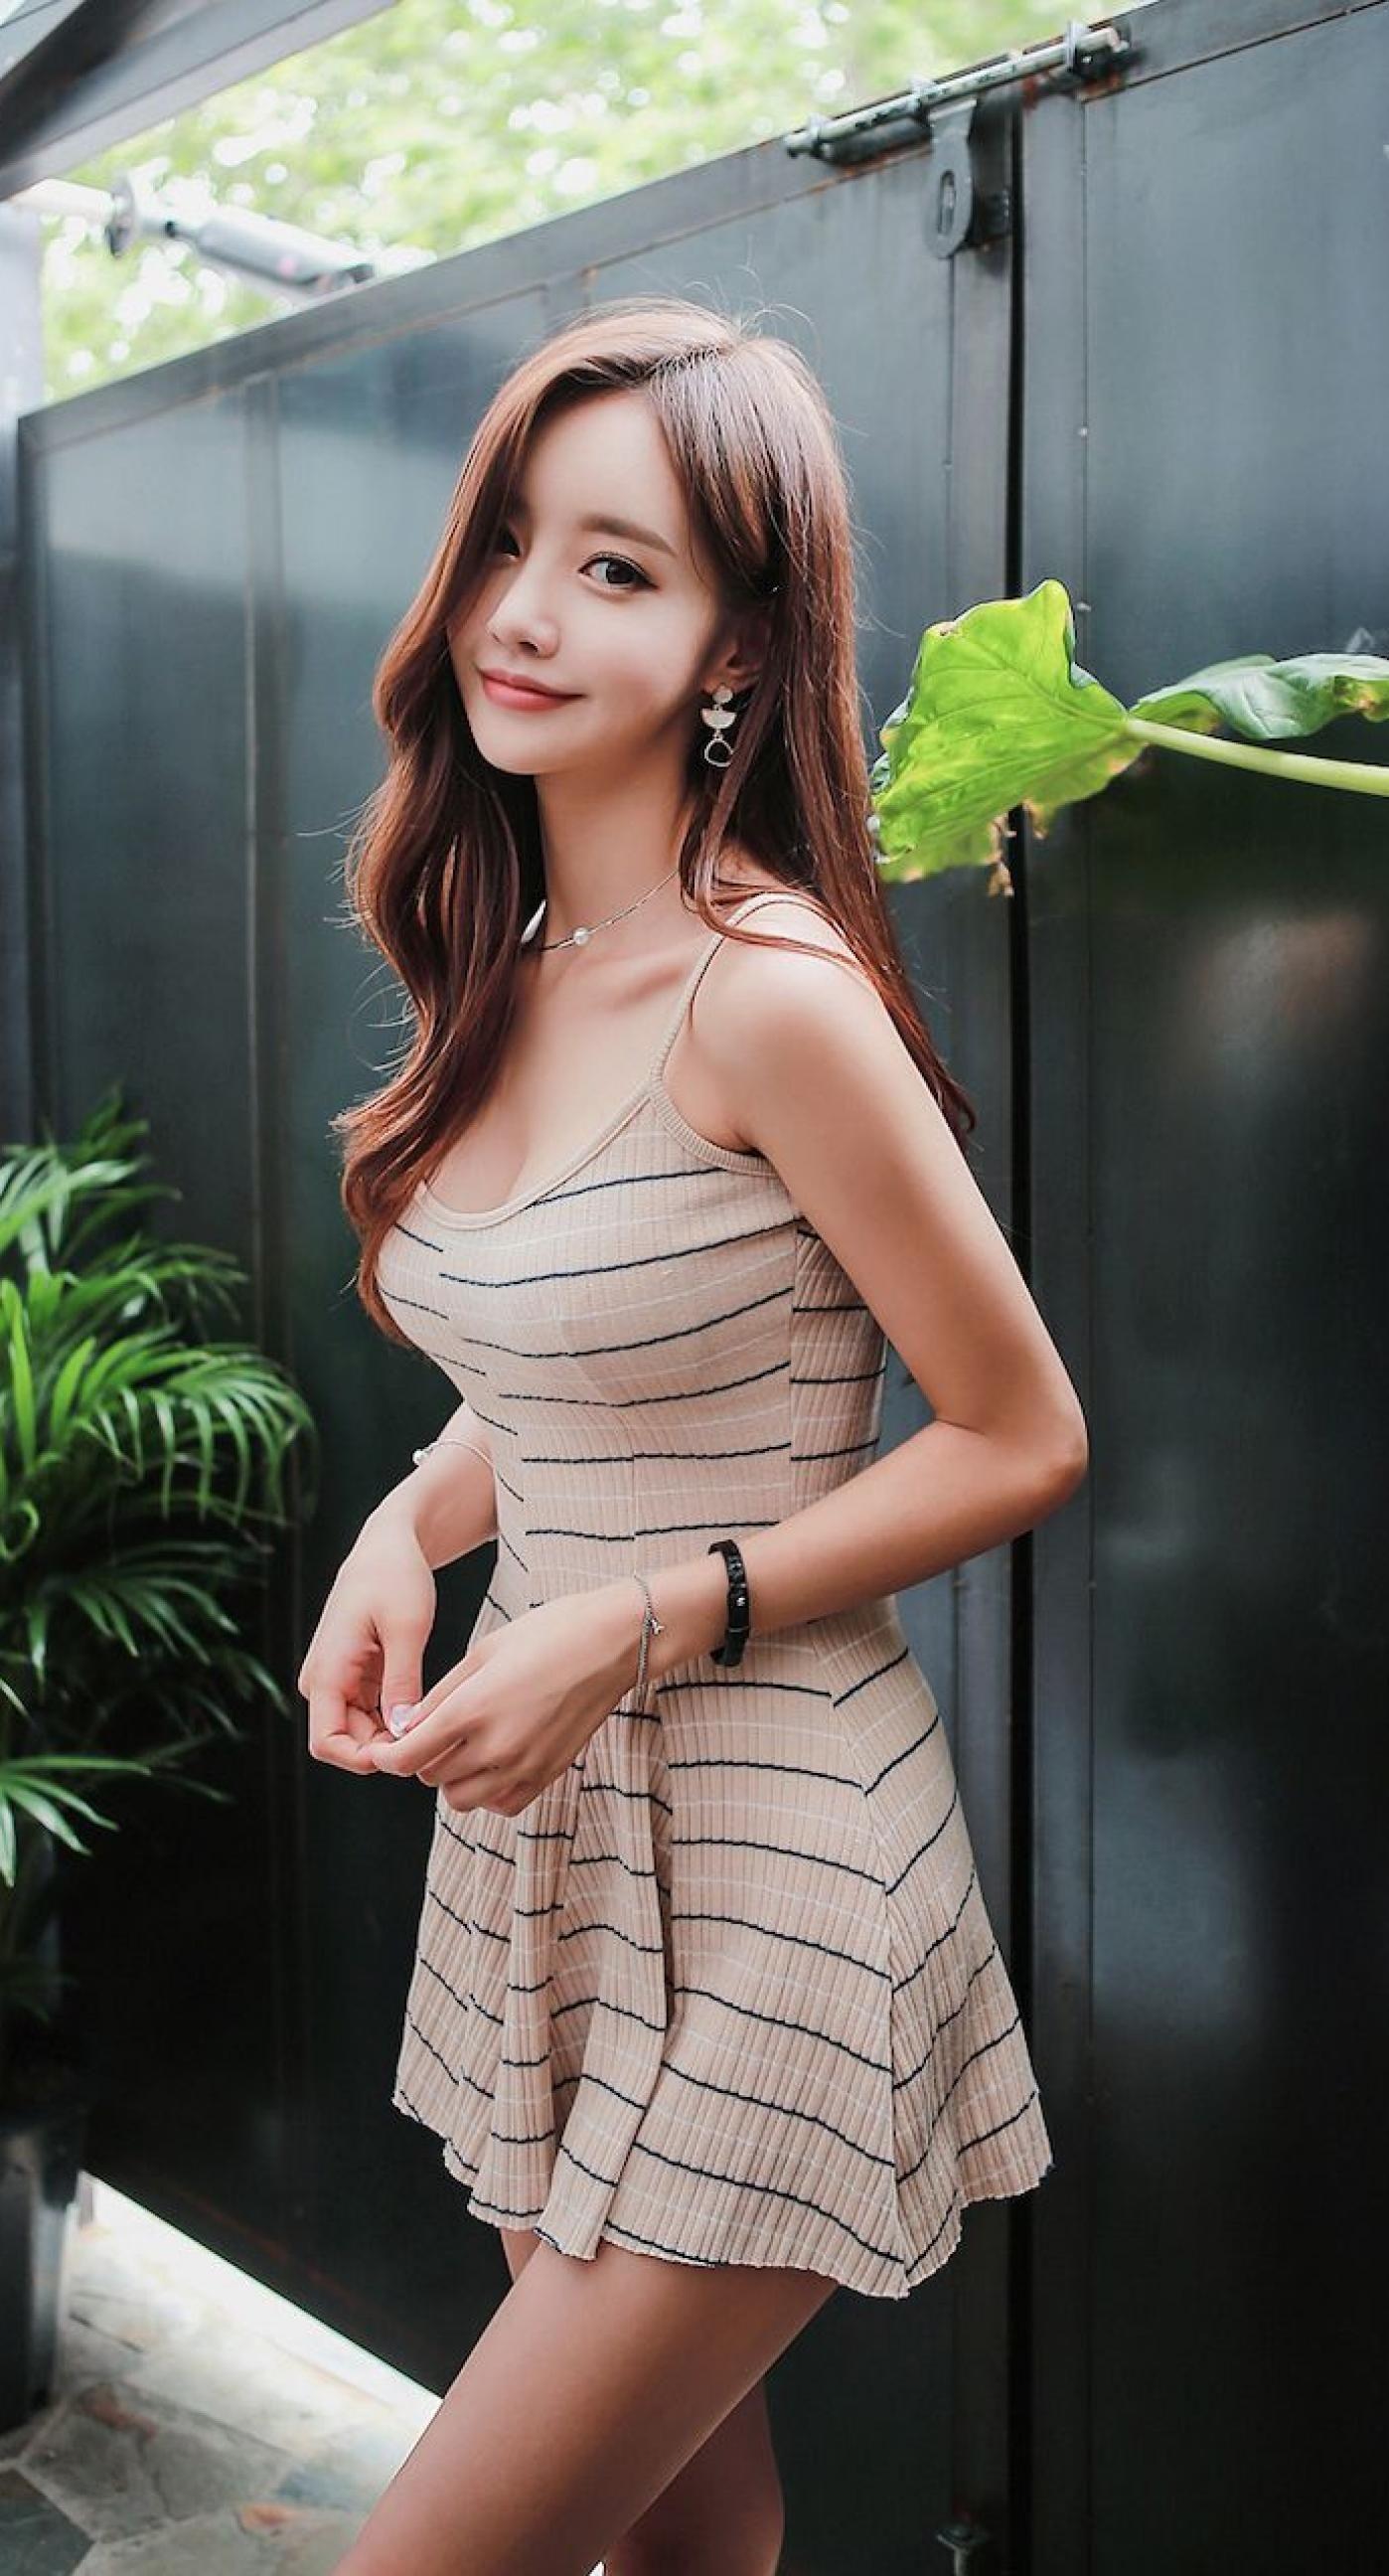 もっと見たい!韓国モデル?允珠(son youn ju)の可愛い画像 | 美人